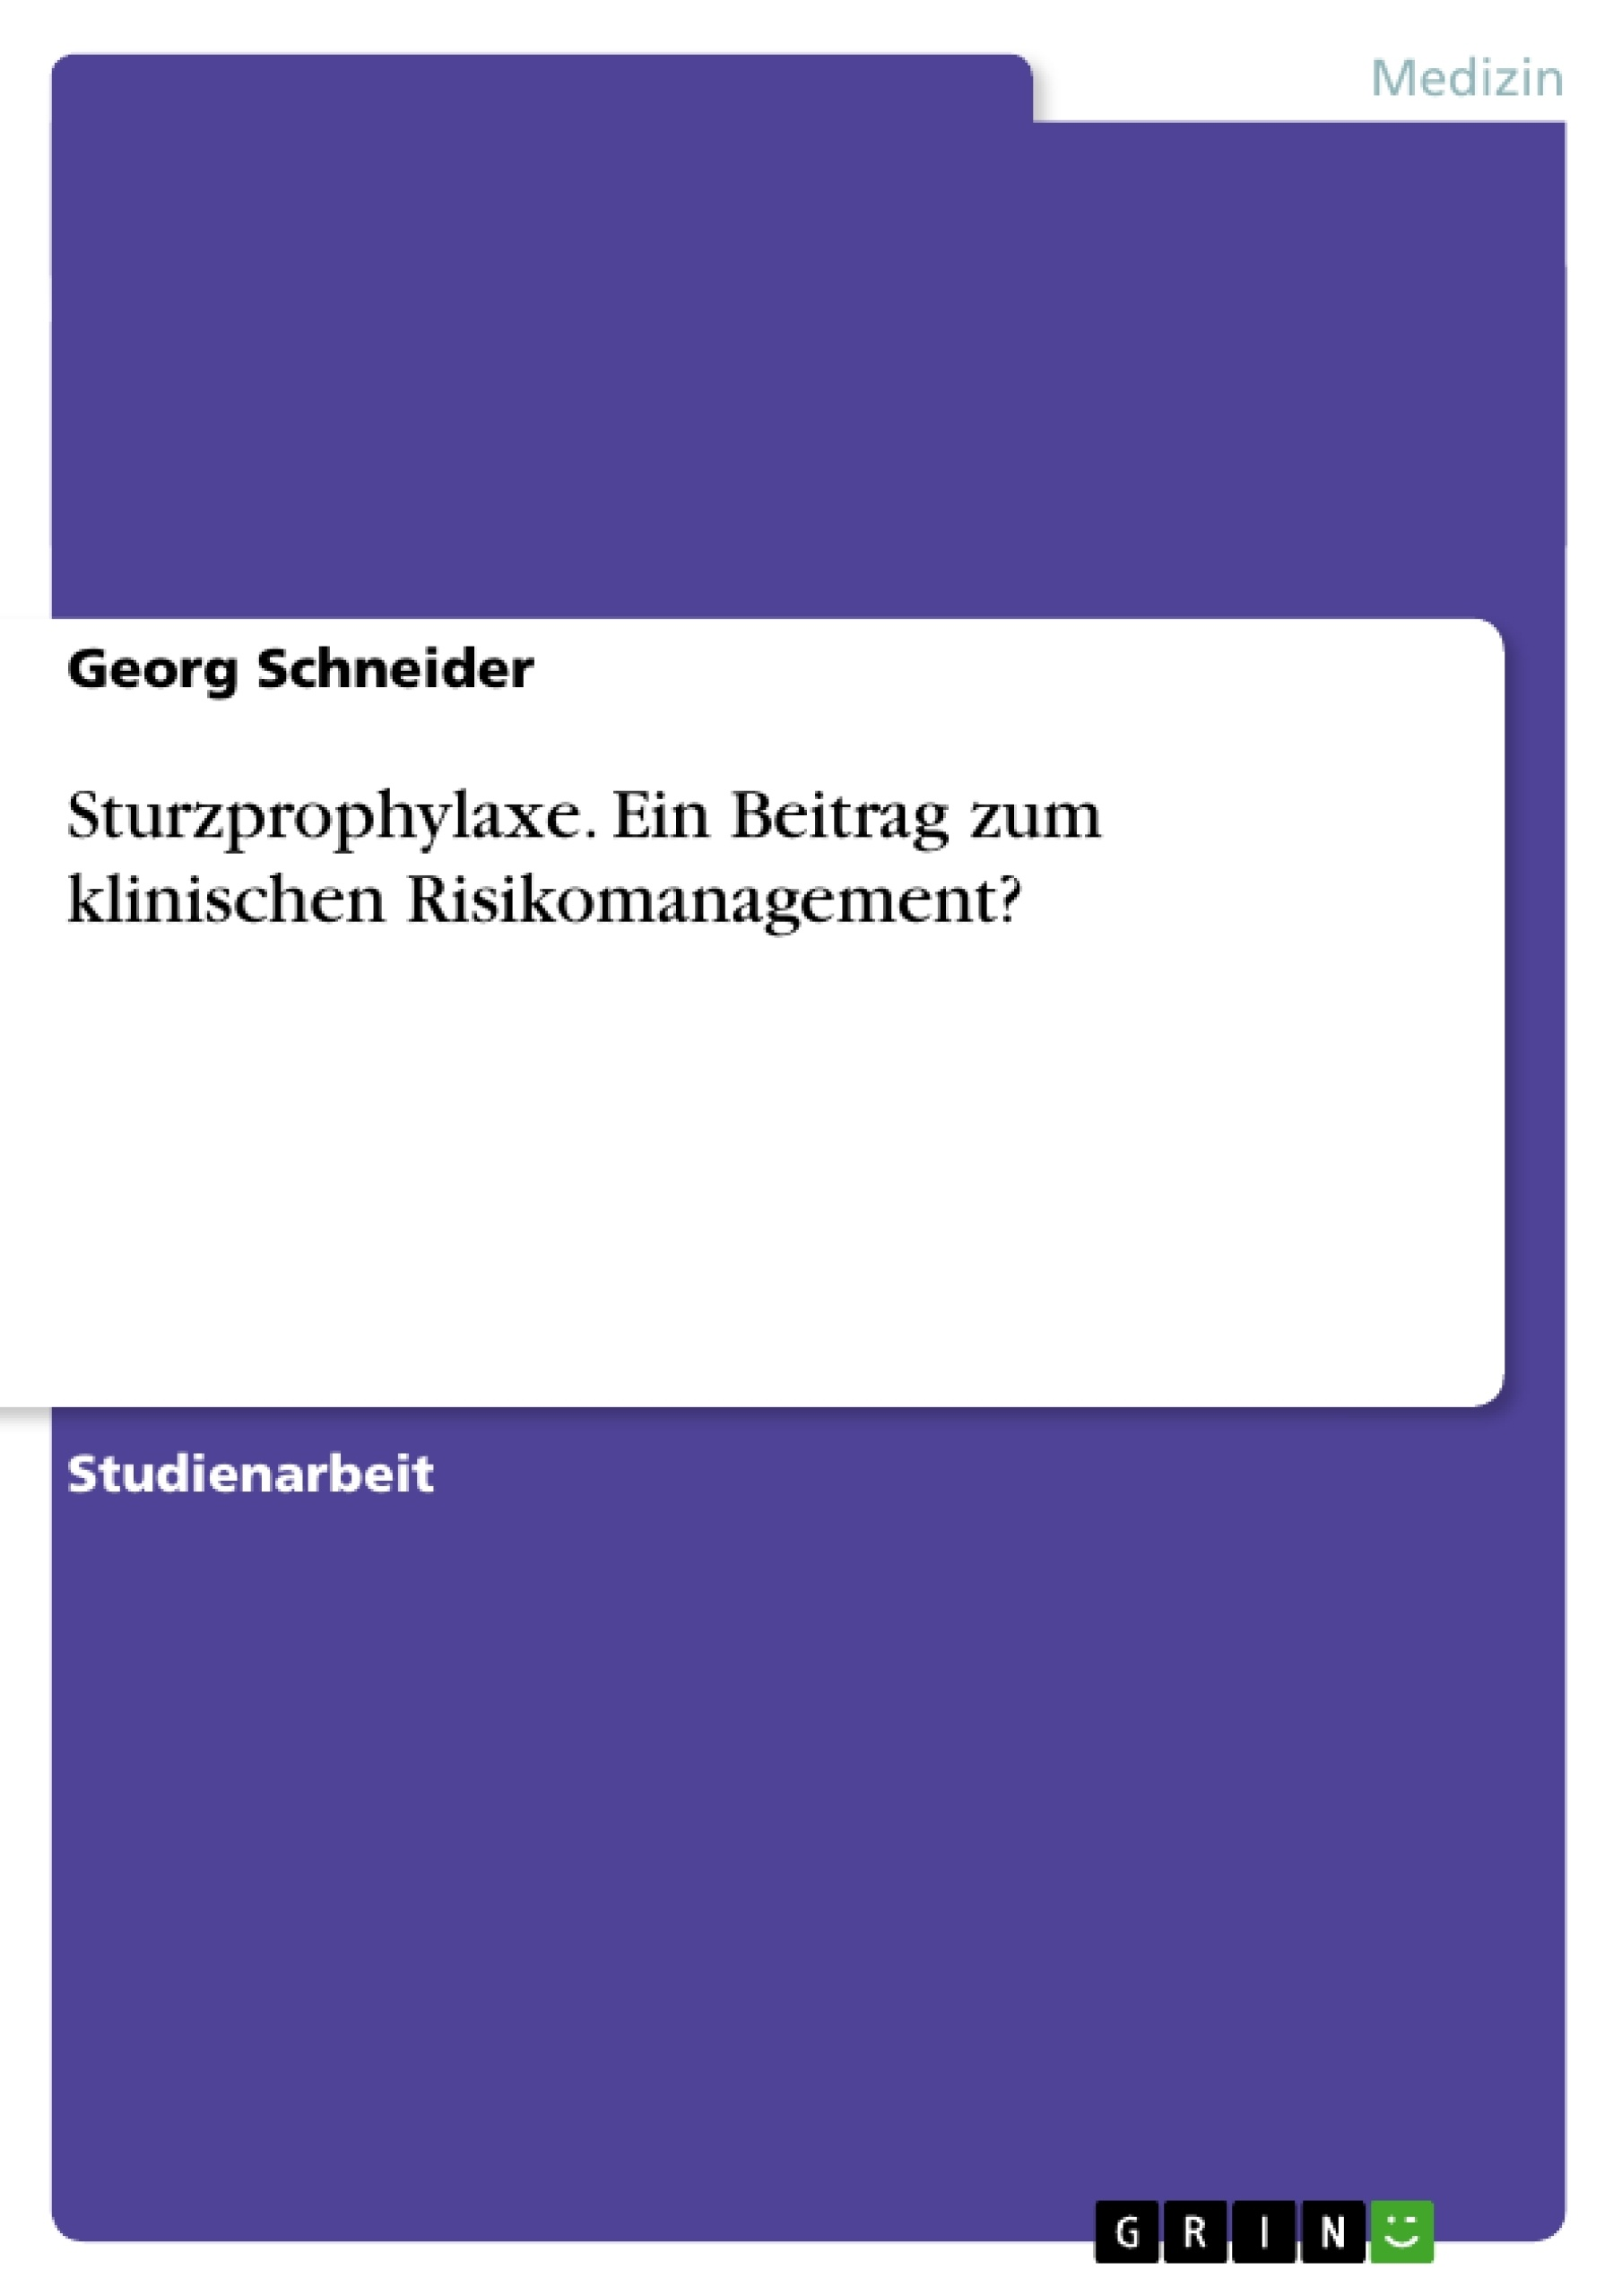 Titel: Sturzprophylaxe. Ein Beitrag zum klinischen Risikomanagement?